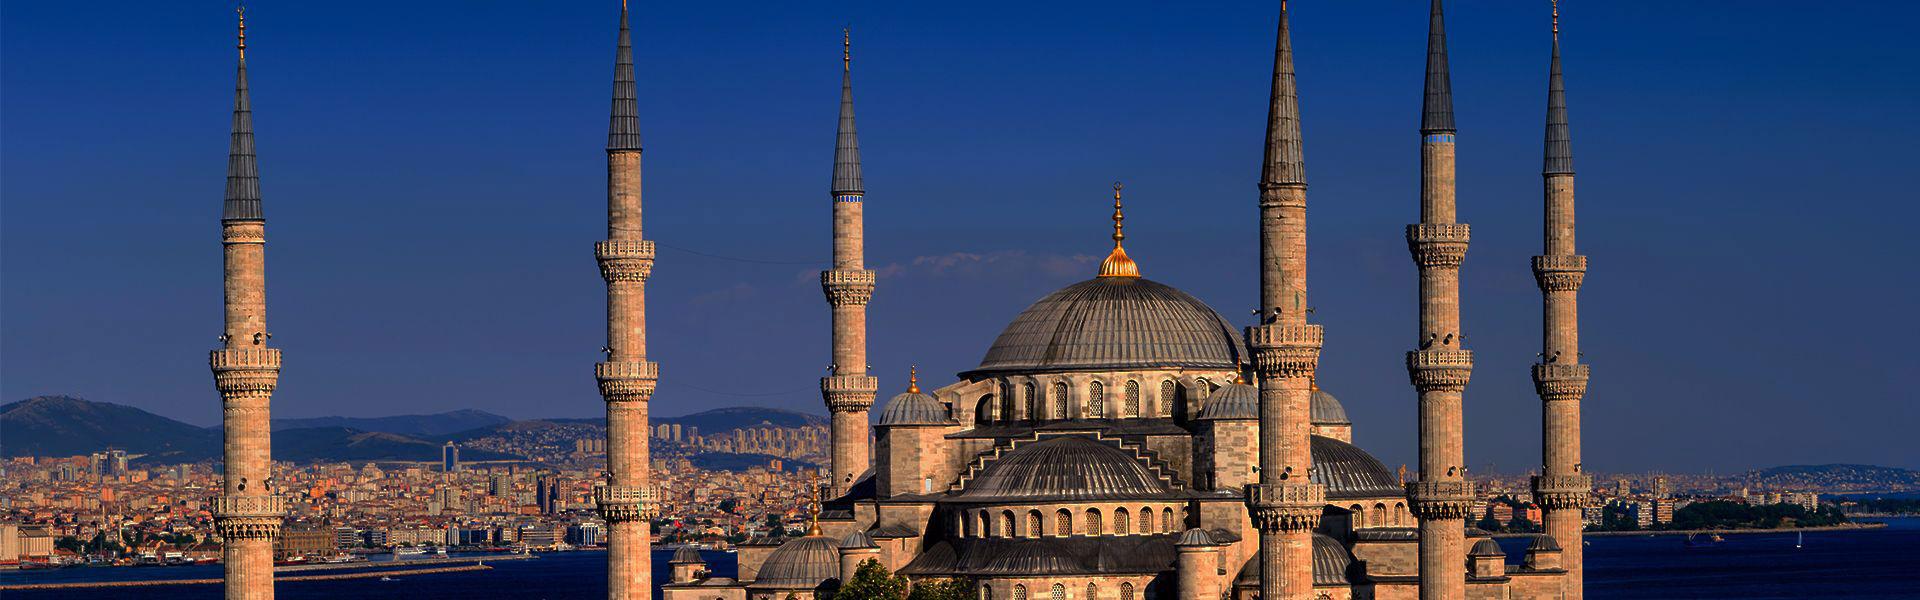 مسجد سلطان احمد ؛ معجزه ای به رنگ آبی در قلب استانبول